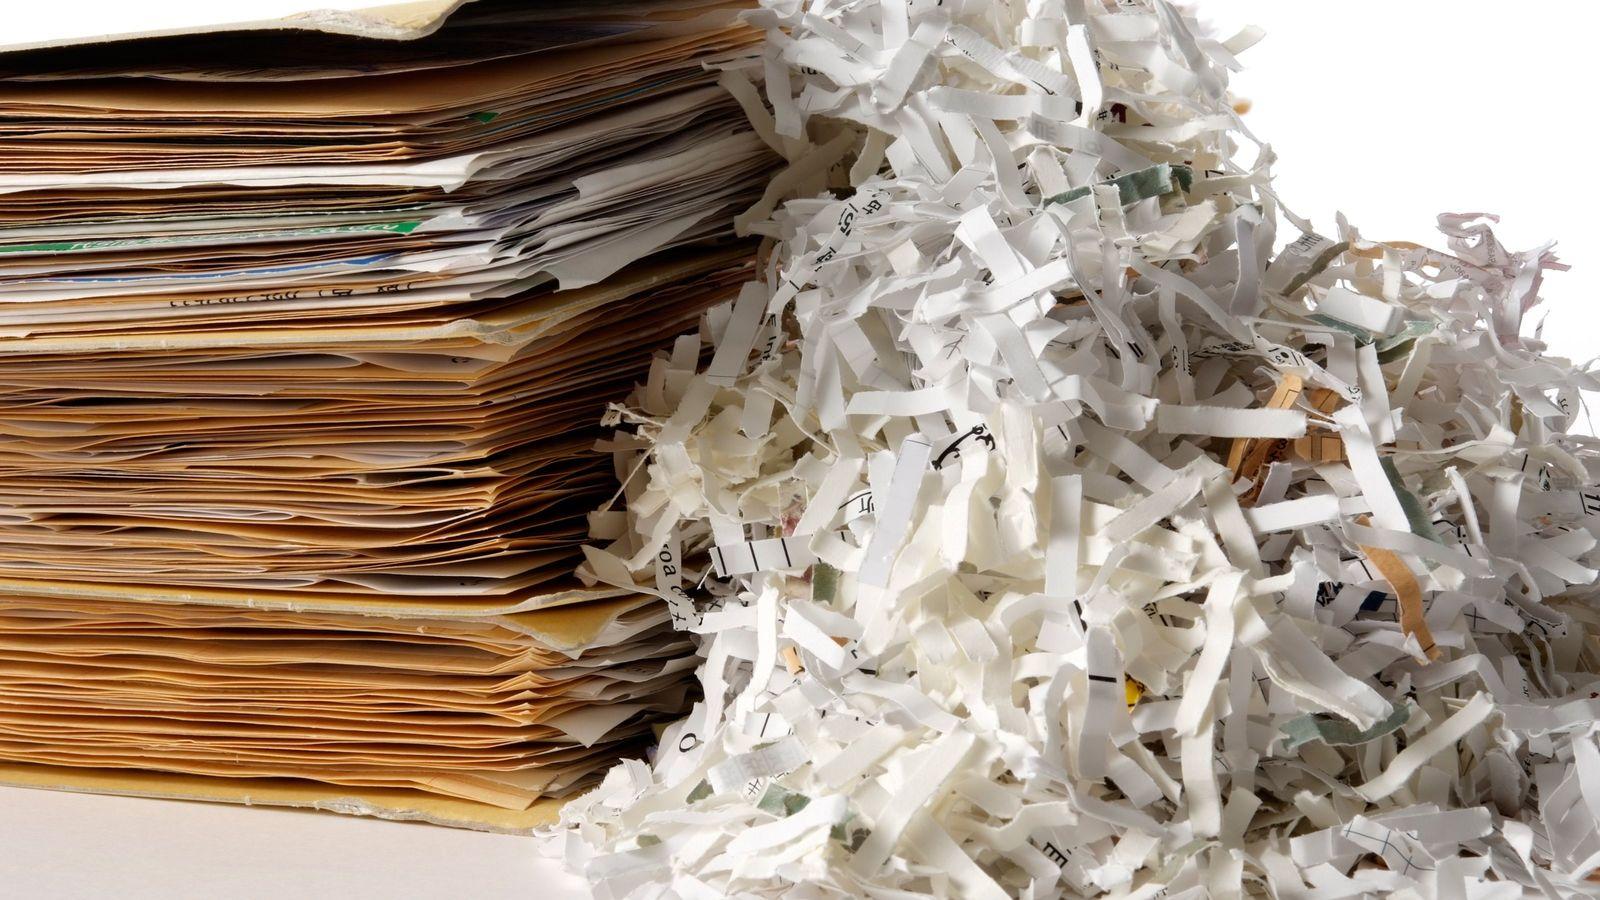 「遺品整理」うっかり捨てるとヤバい郵便物とは 例えば、各種サービスの支払い通知